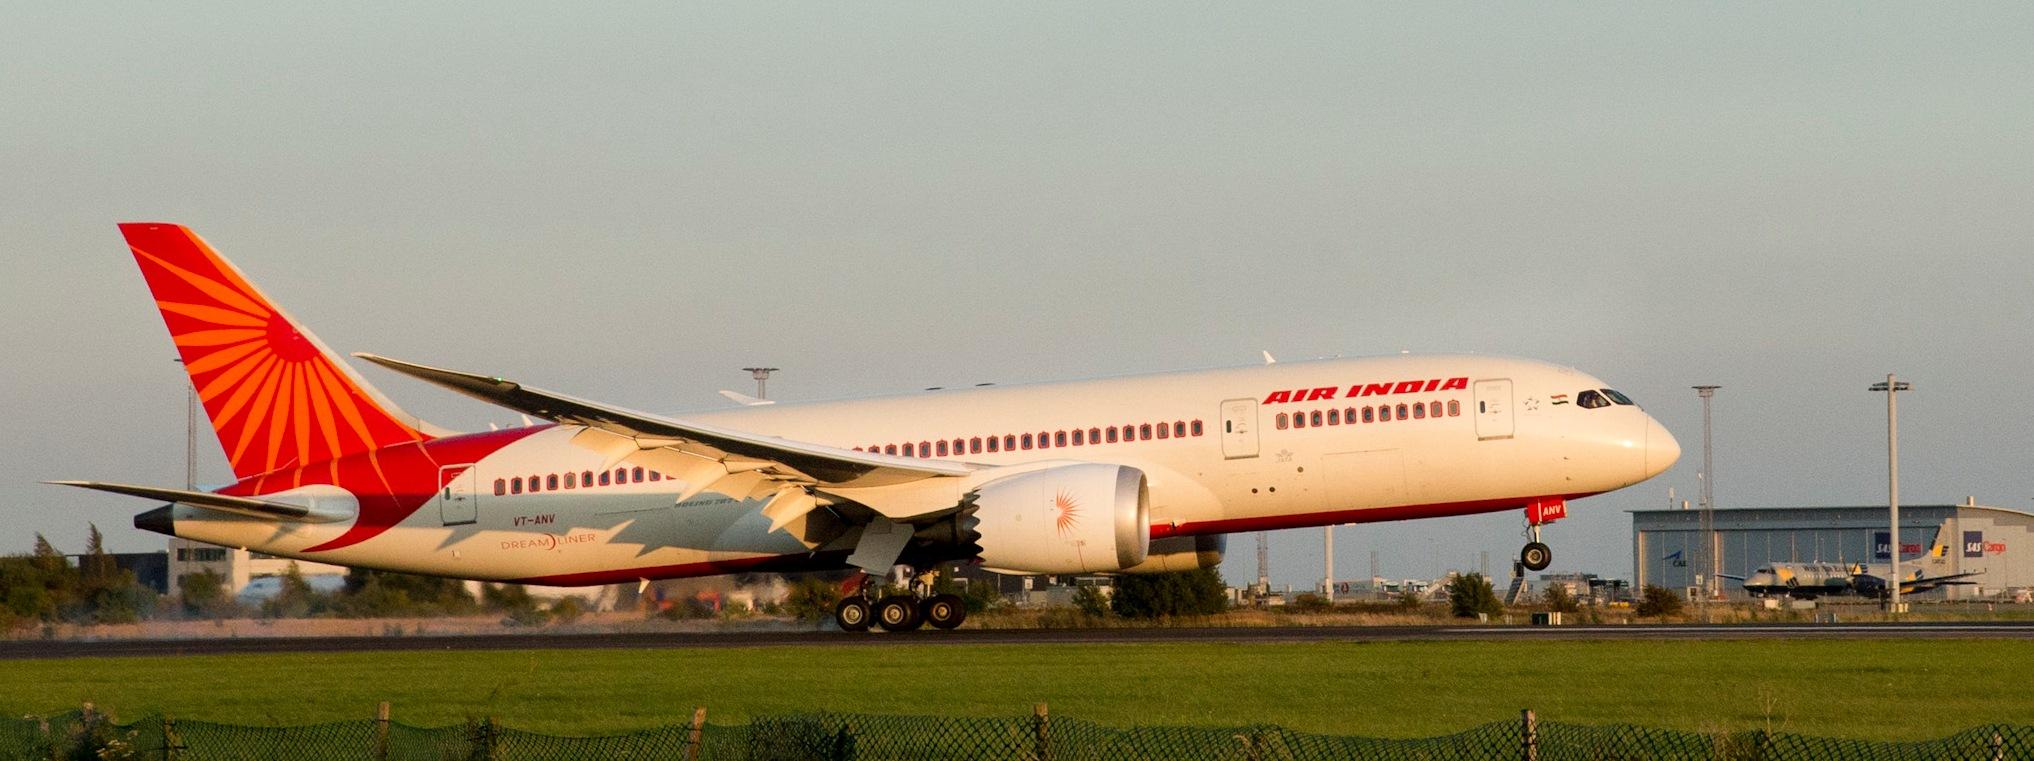 Økonomisk plagede Air India har omrokeret sine aftaler med GDS-systemerne. Star Alliance-medlemmet flyver blandt andet til Københavns Lufthavn, hvor det her lander. Foto: Københavns Lufthavn.